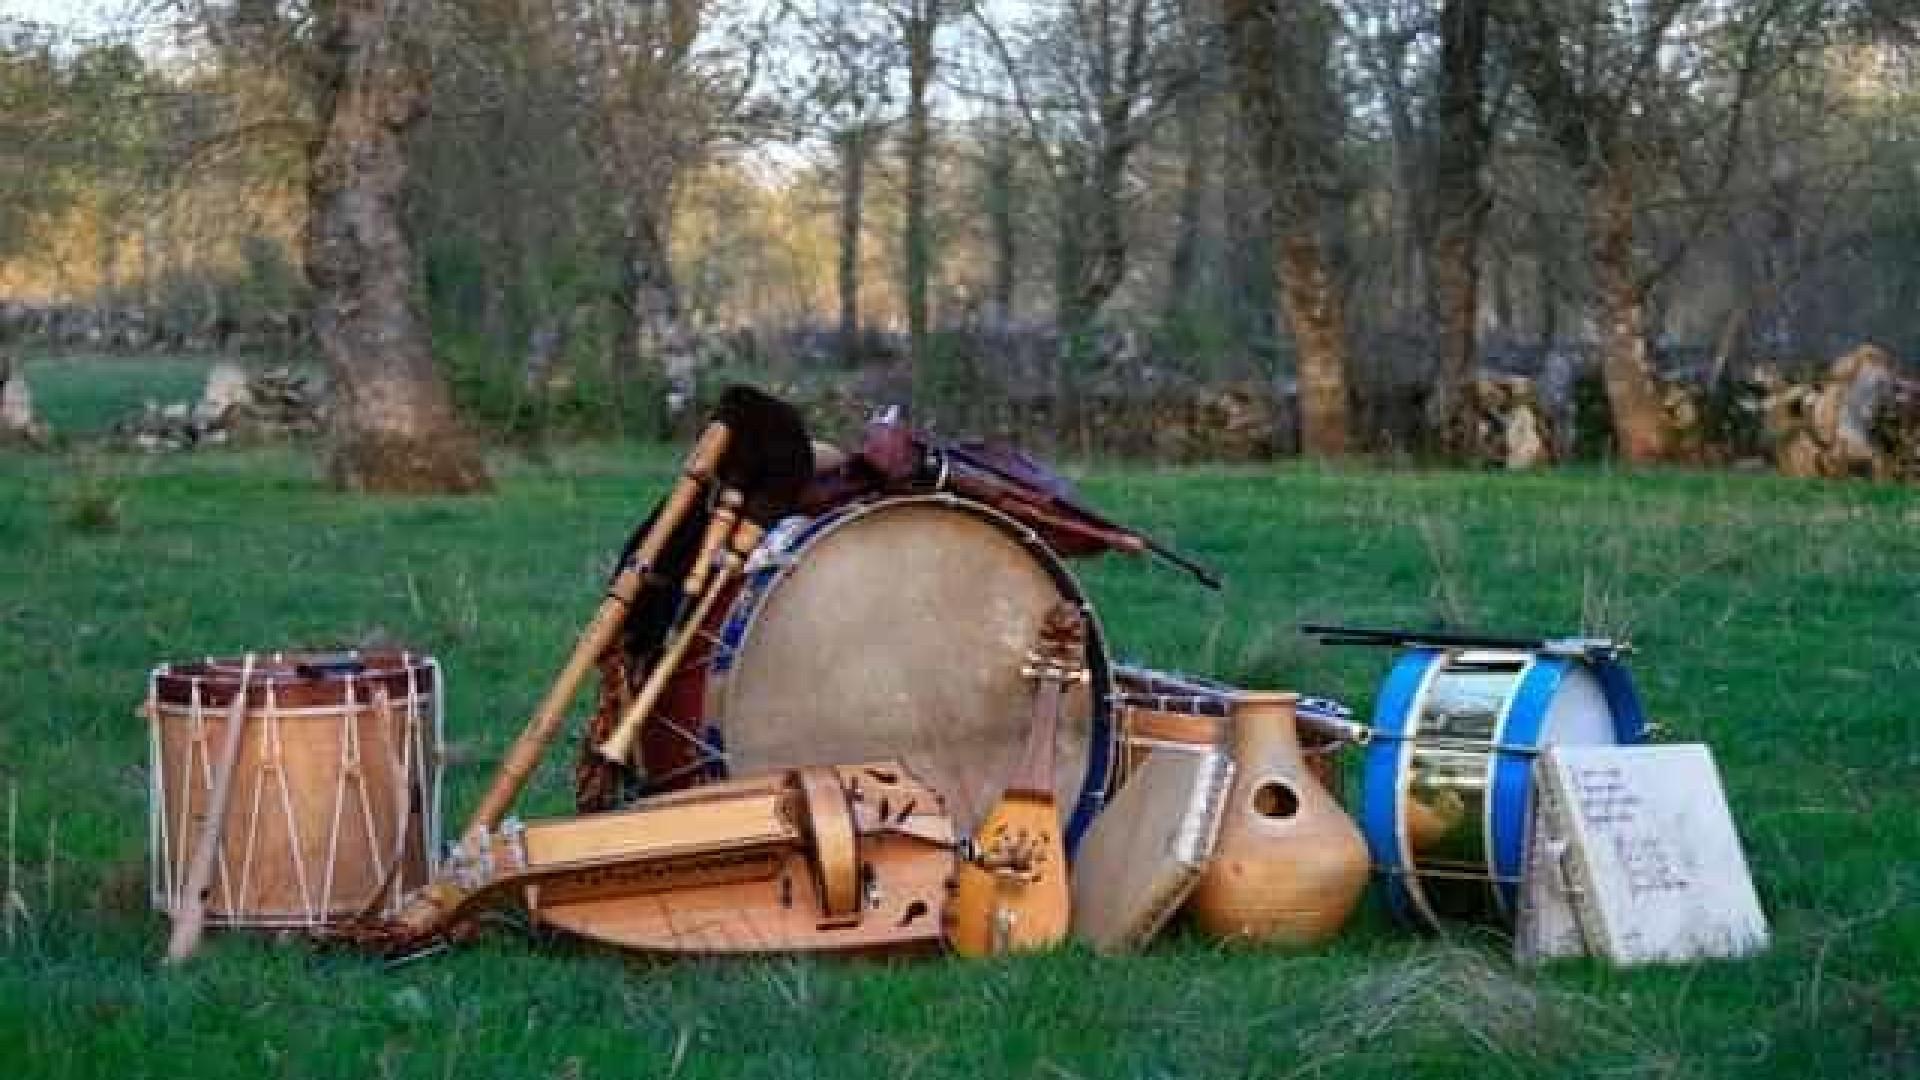 Embaixadores da música mirandesa comemoram 20 anos com novas sonoridades